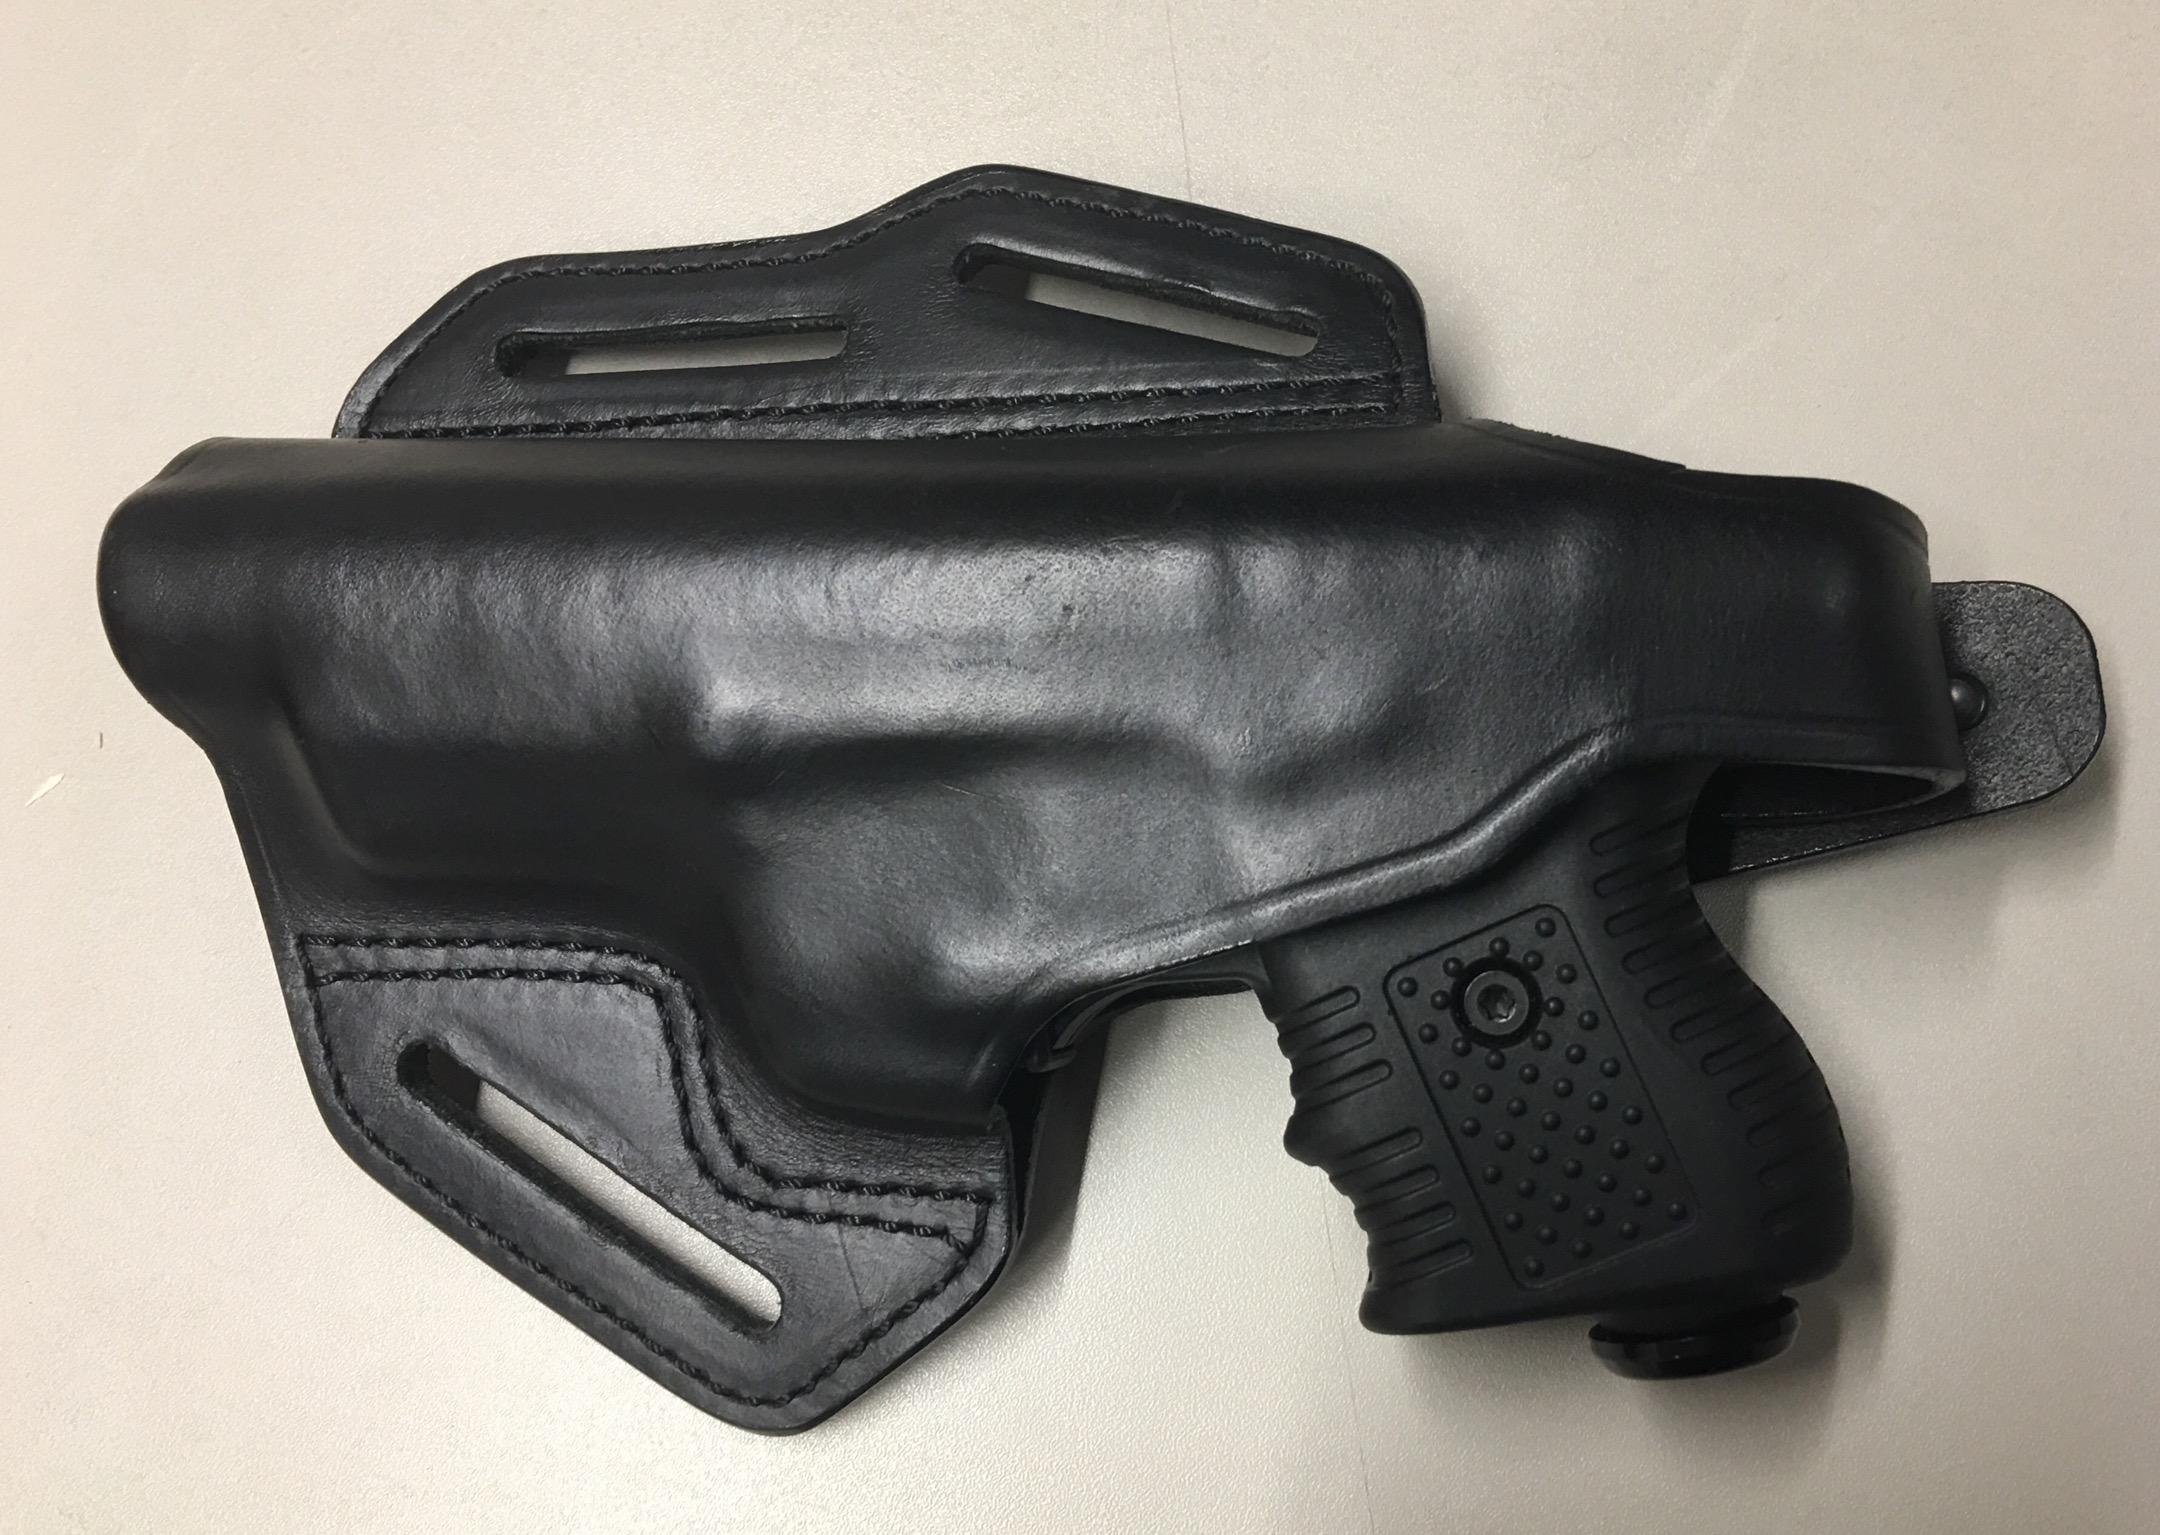 Das Bild zeigt ein <a href=1260283-RH.htm>neues Lederholster </a> in Rechtsausführung. Das gäbe es auch für Linkshänder.